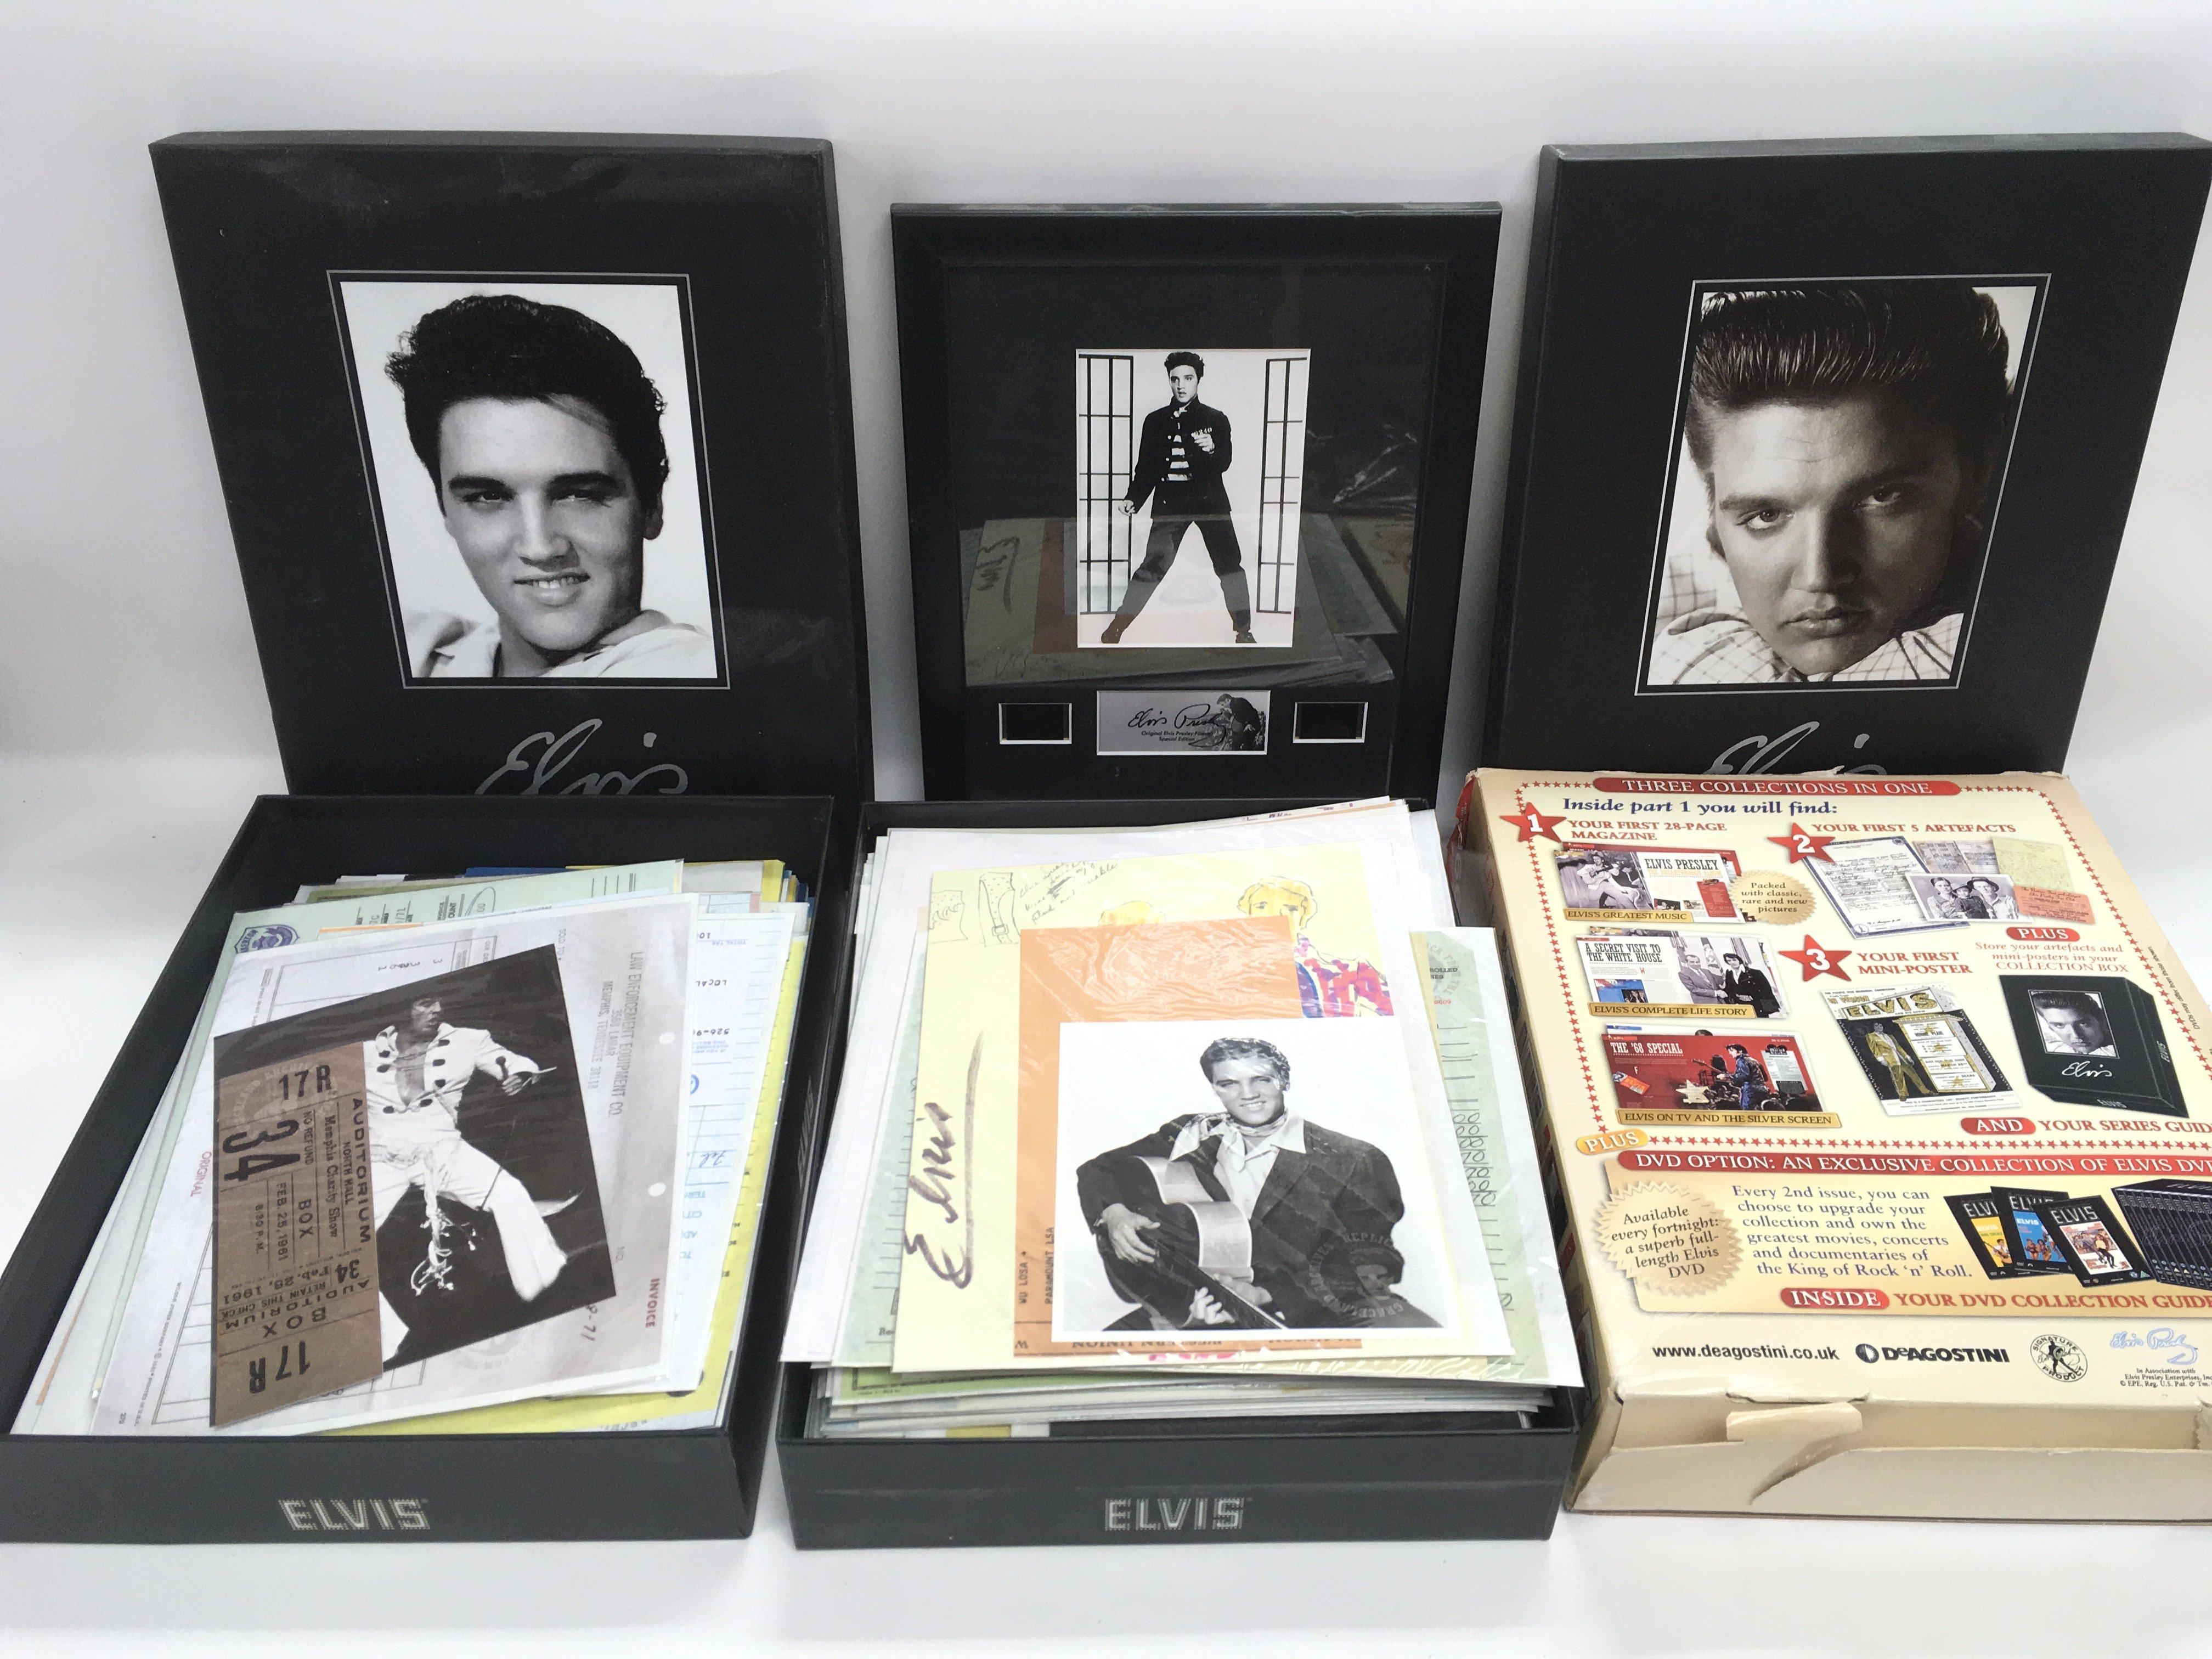 A collection of Elvis Presley memorabilia includin - Image 2 of 2